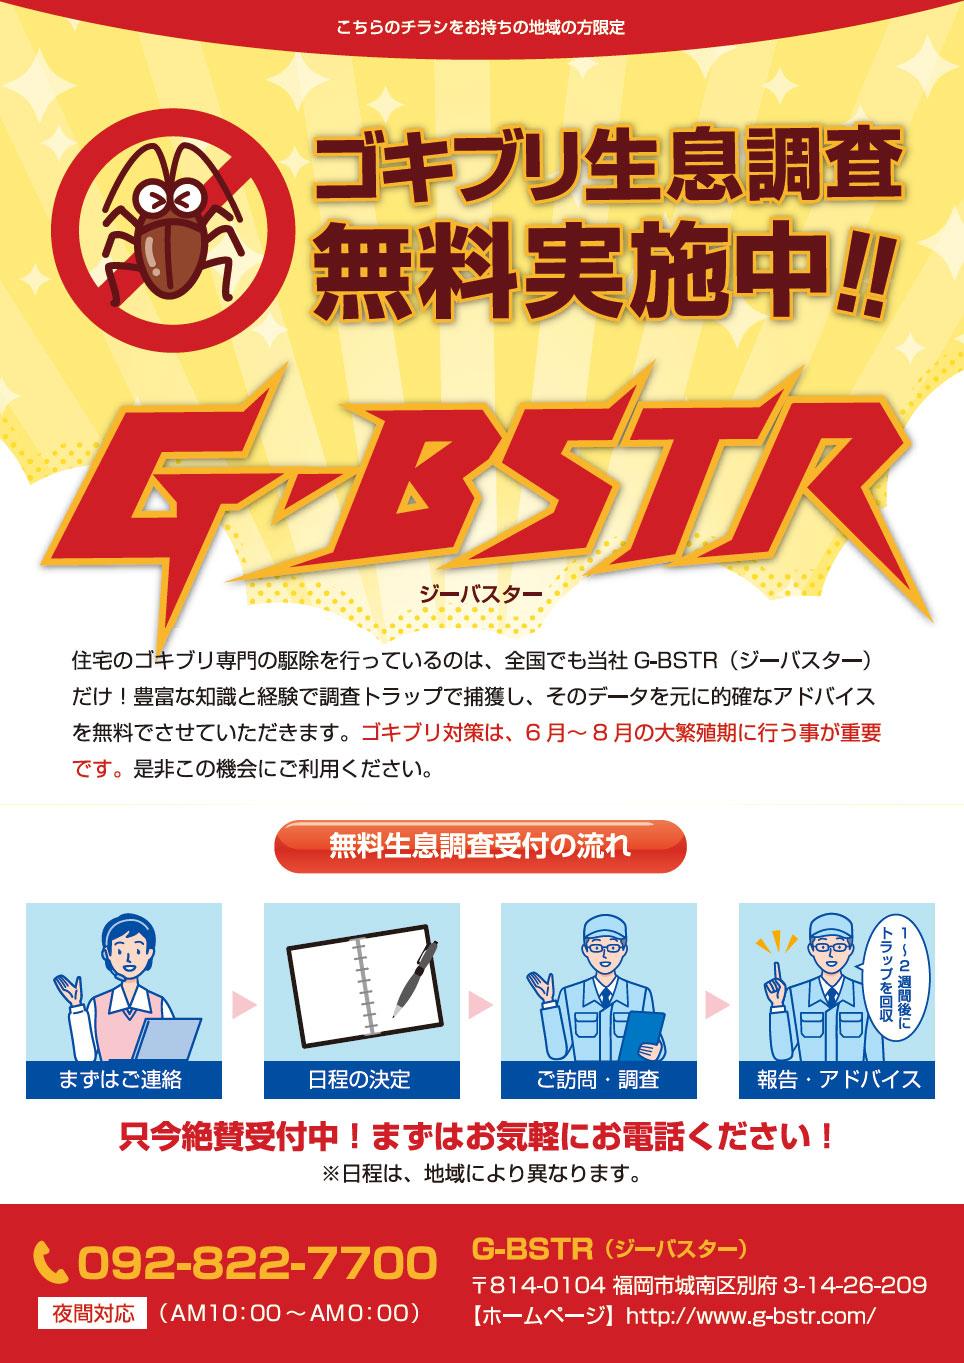 ゴキブリ生息調査【無料実施中!!】G-BSTR(ジーバスター)